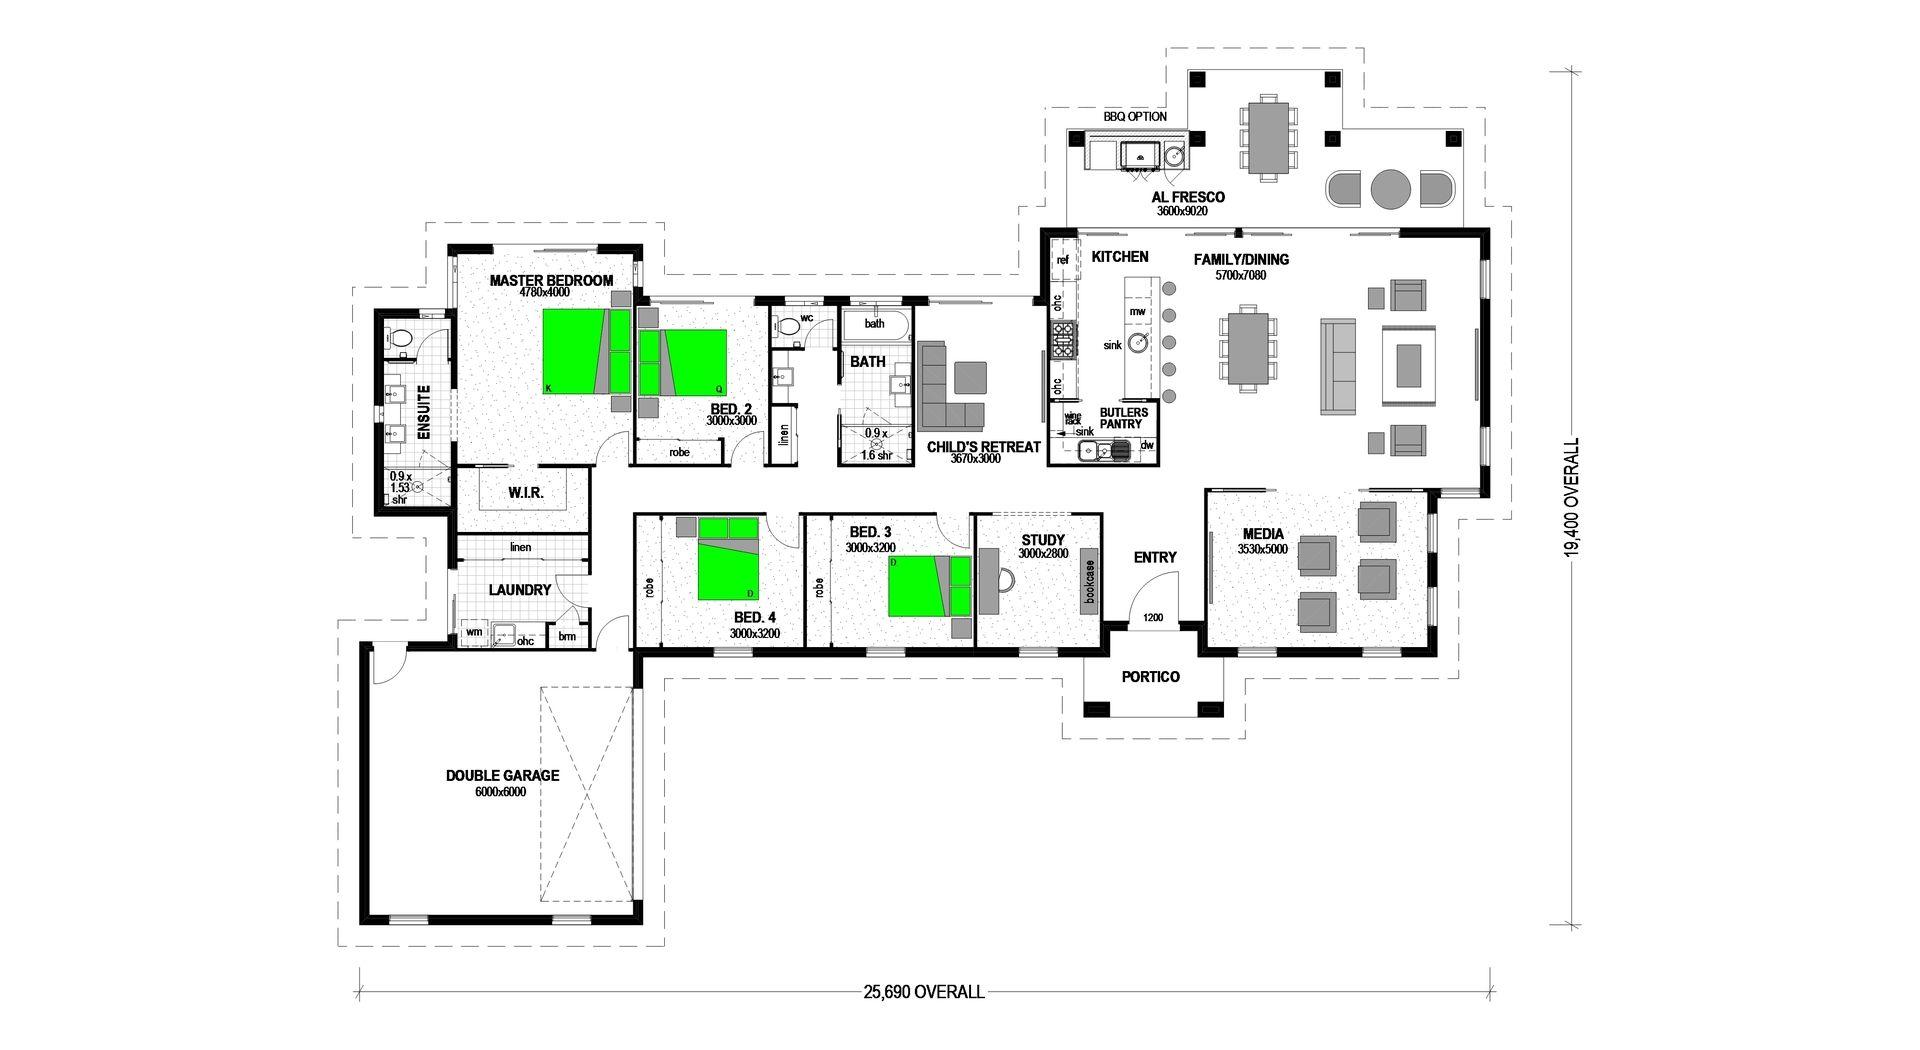 Lot 5 McKenzie Park, Cranley QLD 4350, Image 1